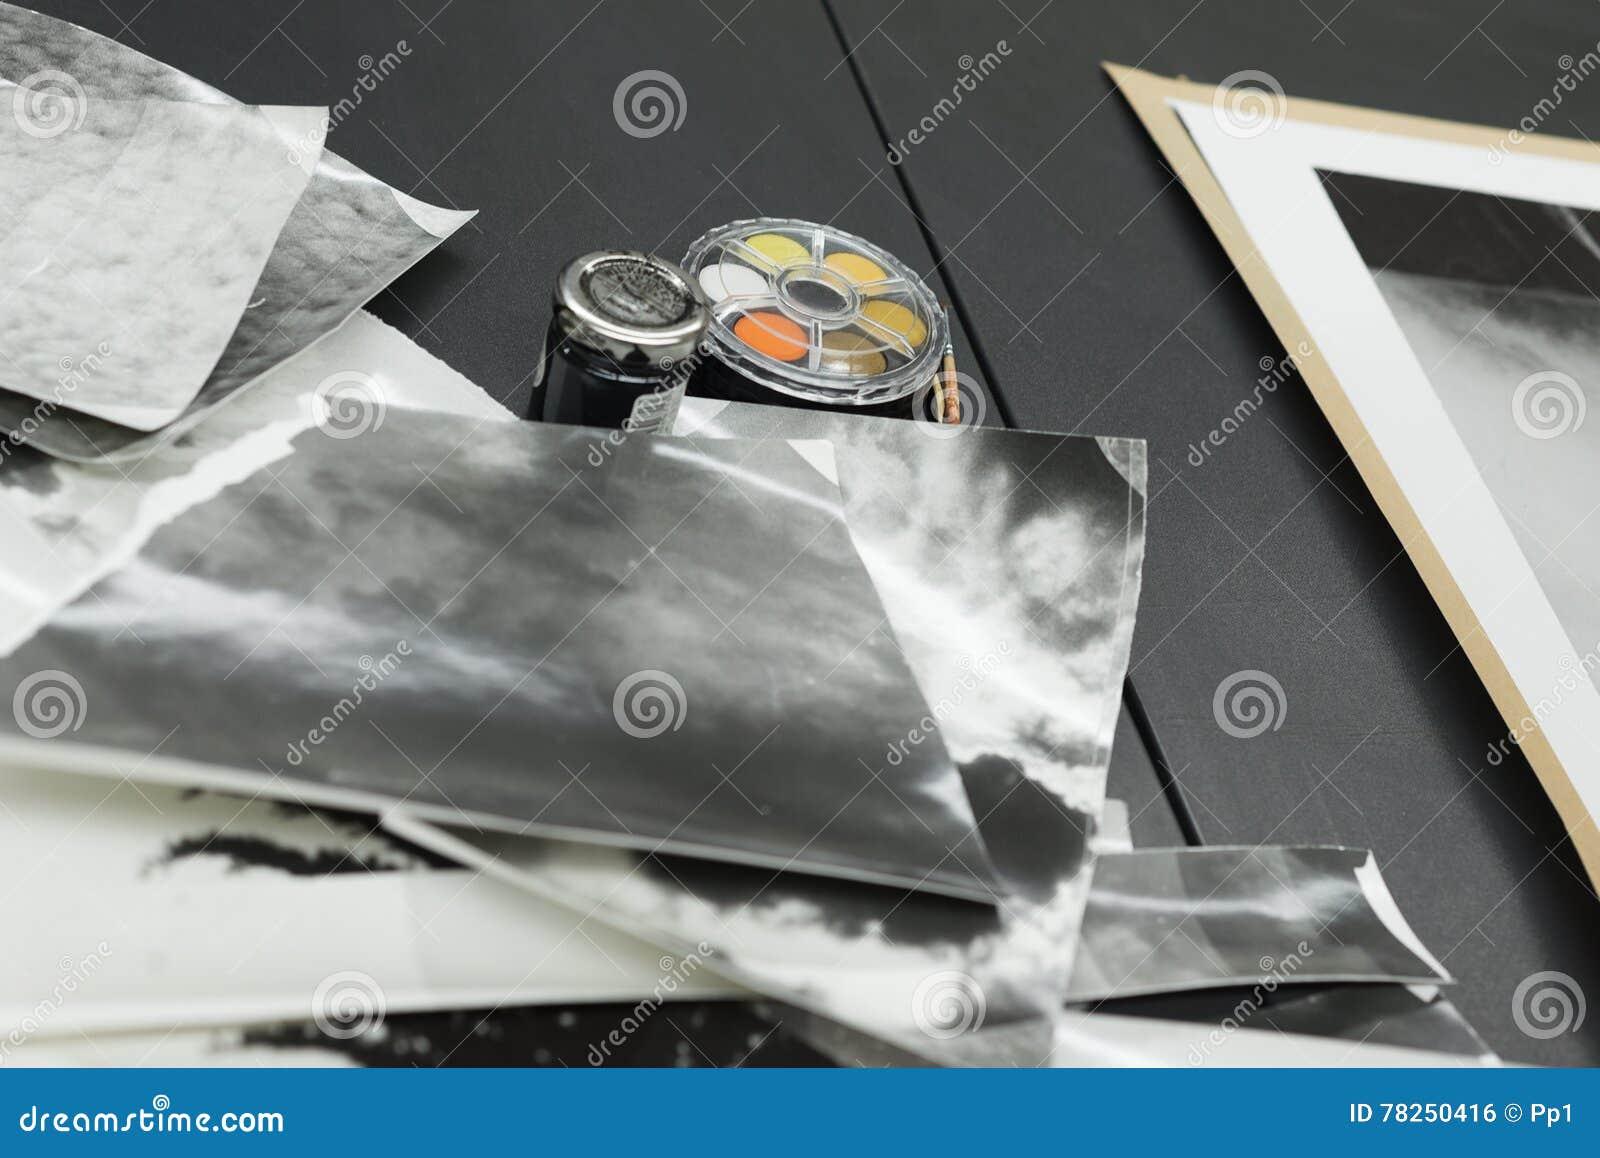 Χειρωνακτικό ρετουσάρισμα τυπωμένων υλών φωτογραφιών, σωρός των φωτογραφιών και μελάνι χρωστικών ουσιών